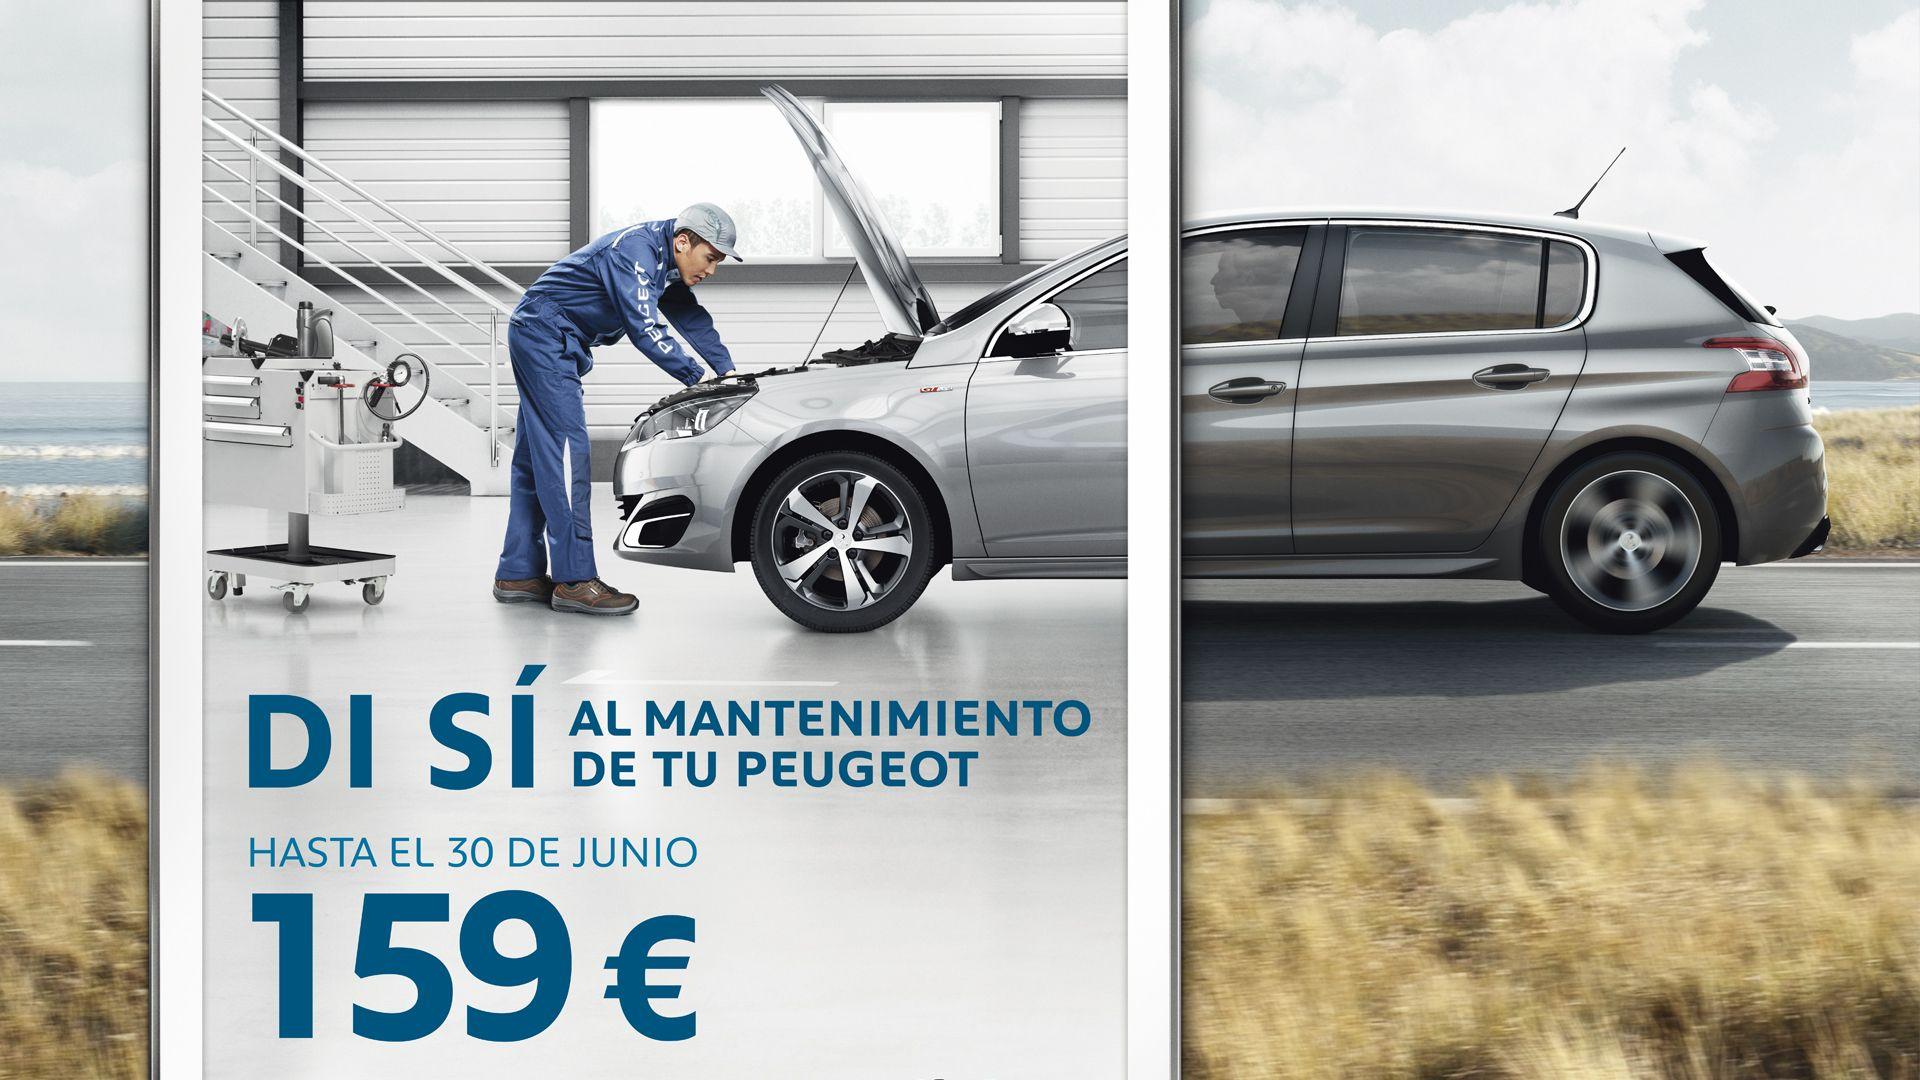 REALIZA EL MANTENIMIENTO DE TU PEUGEOT POR SÓLO 159€